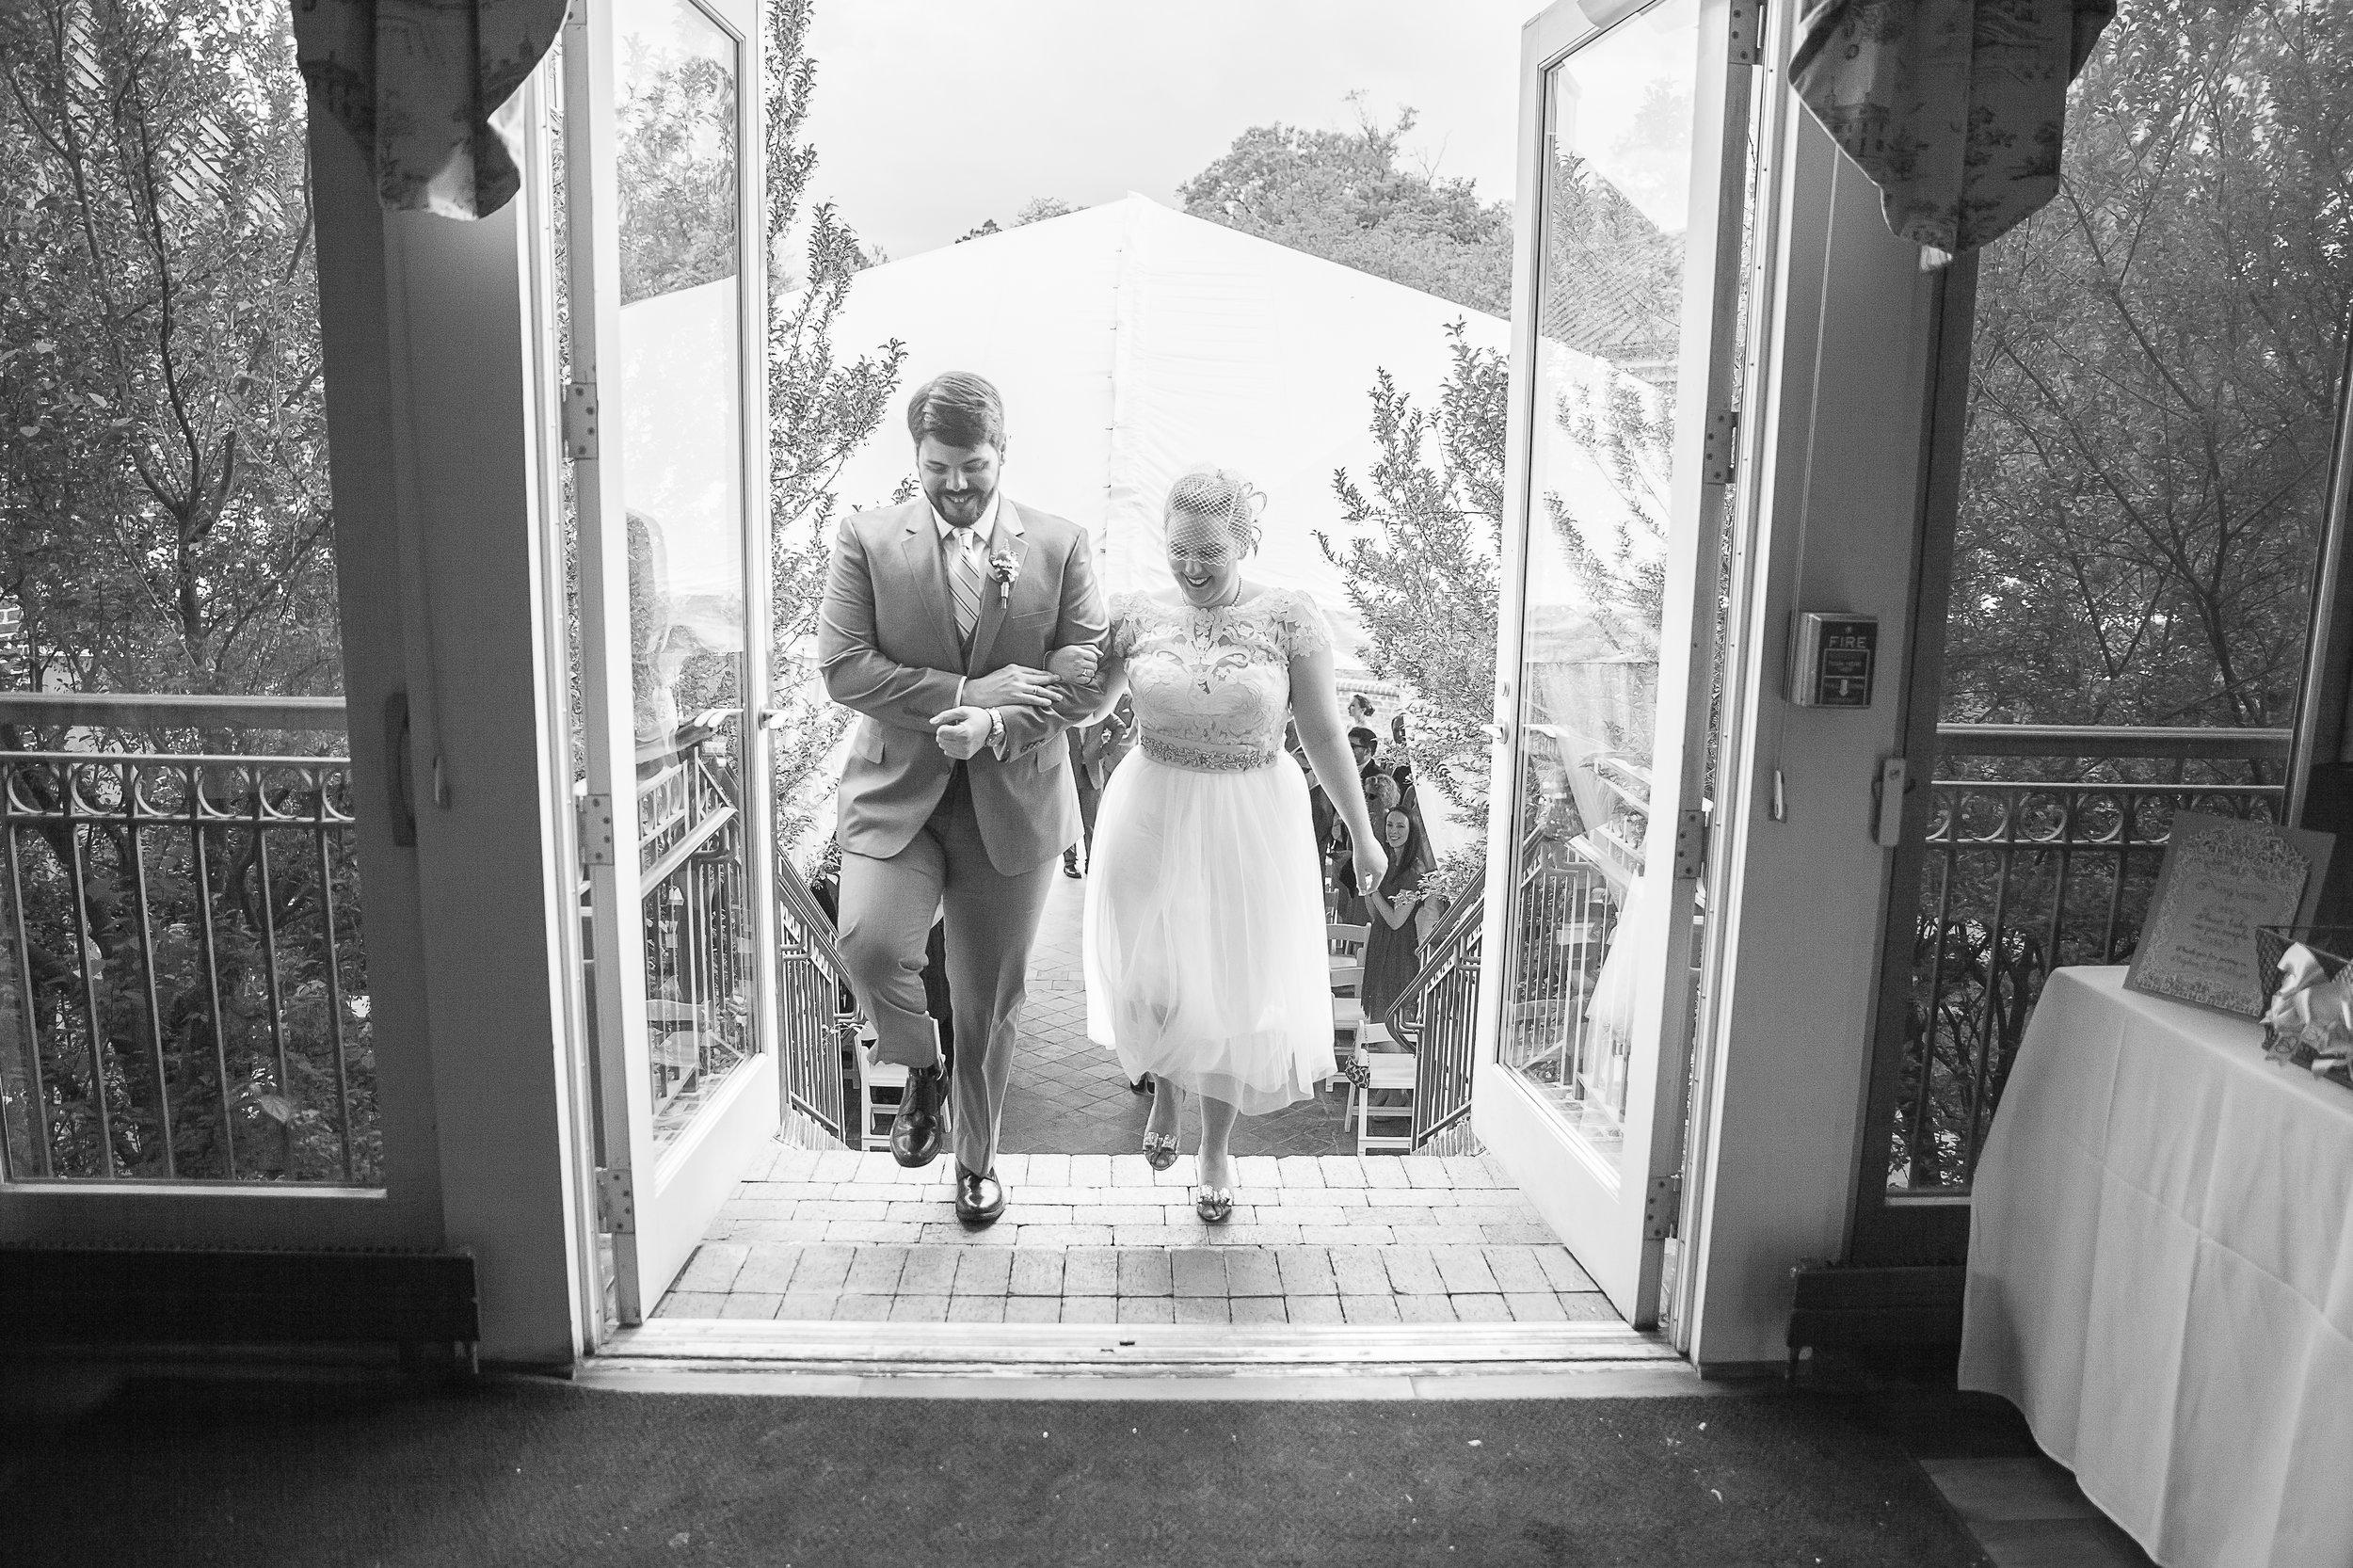 K-S-Wedding-Kim-Pham-Clark-Photography-242.jpg